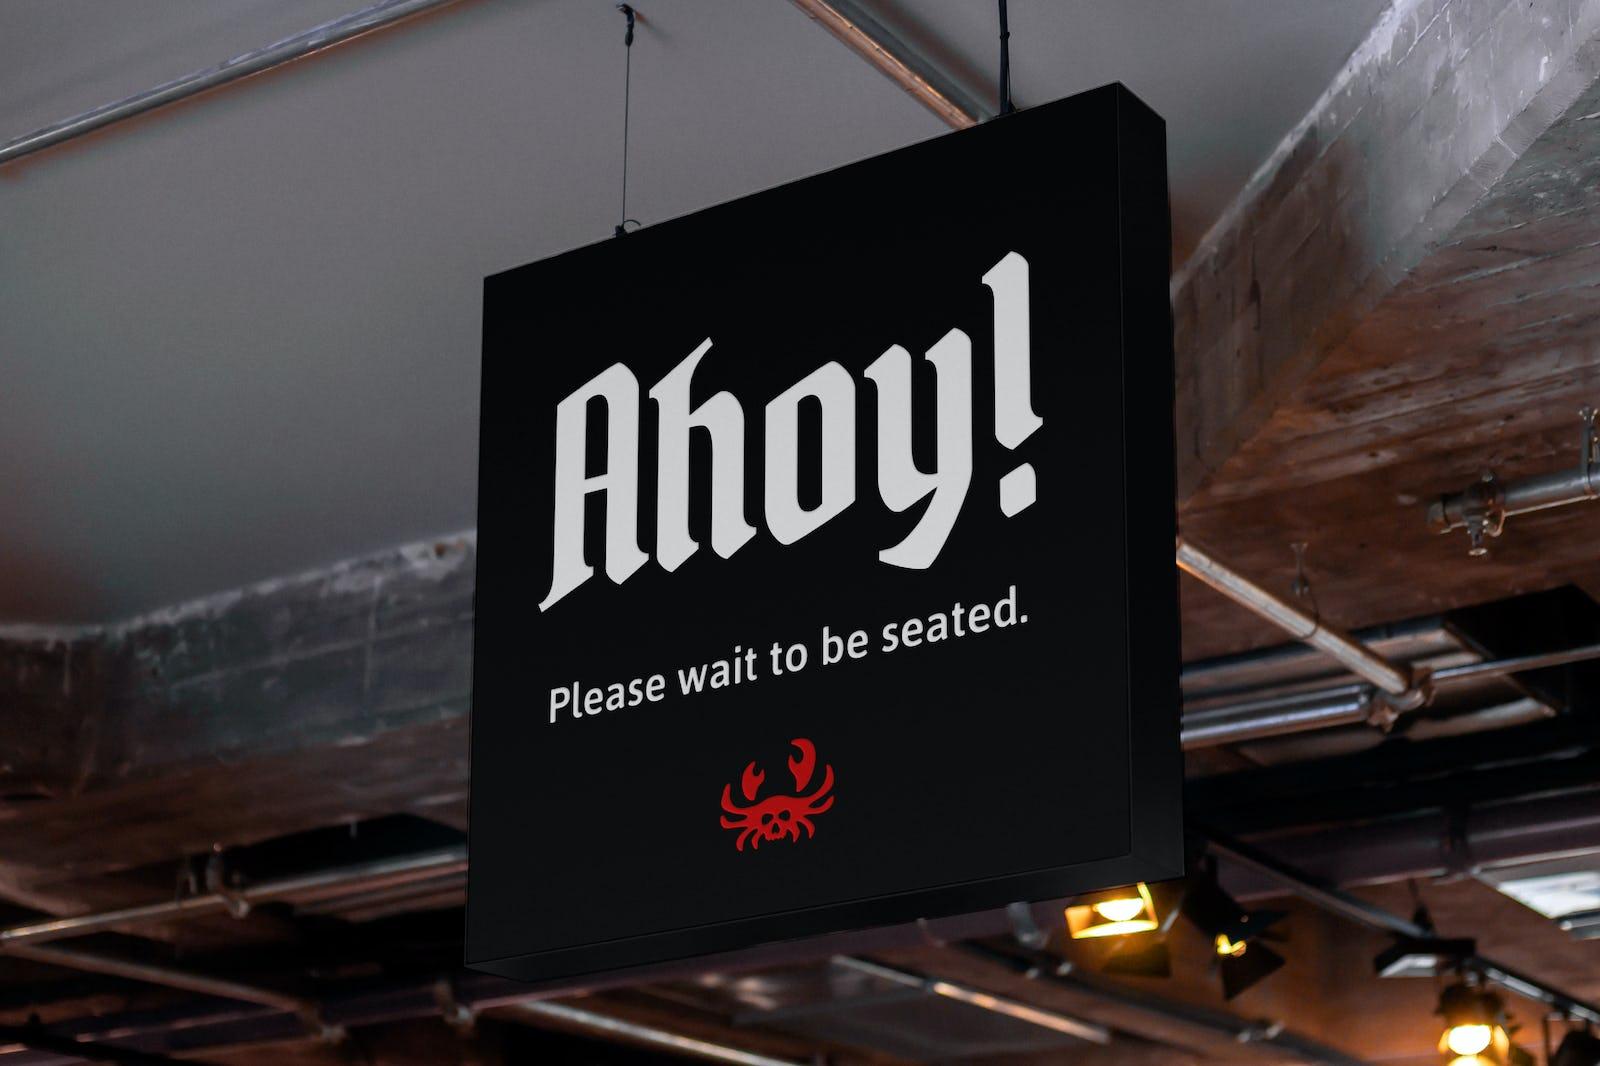 Ahoy crab mark sign